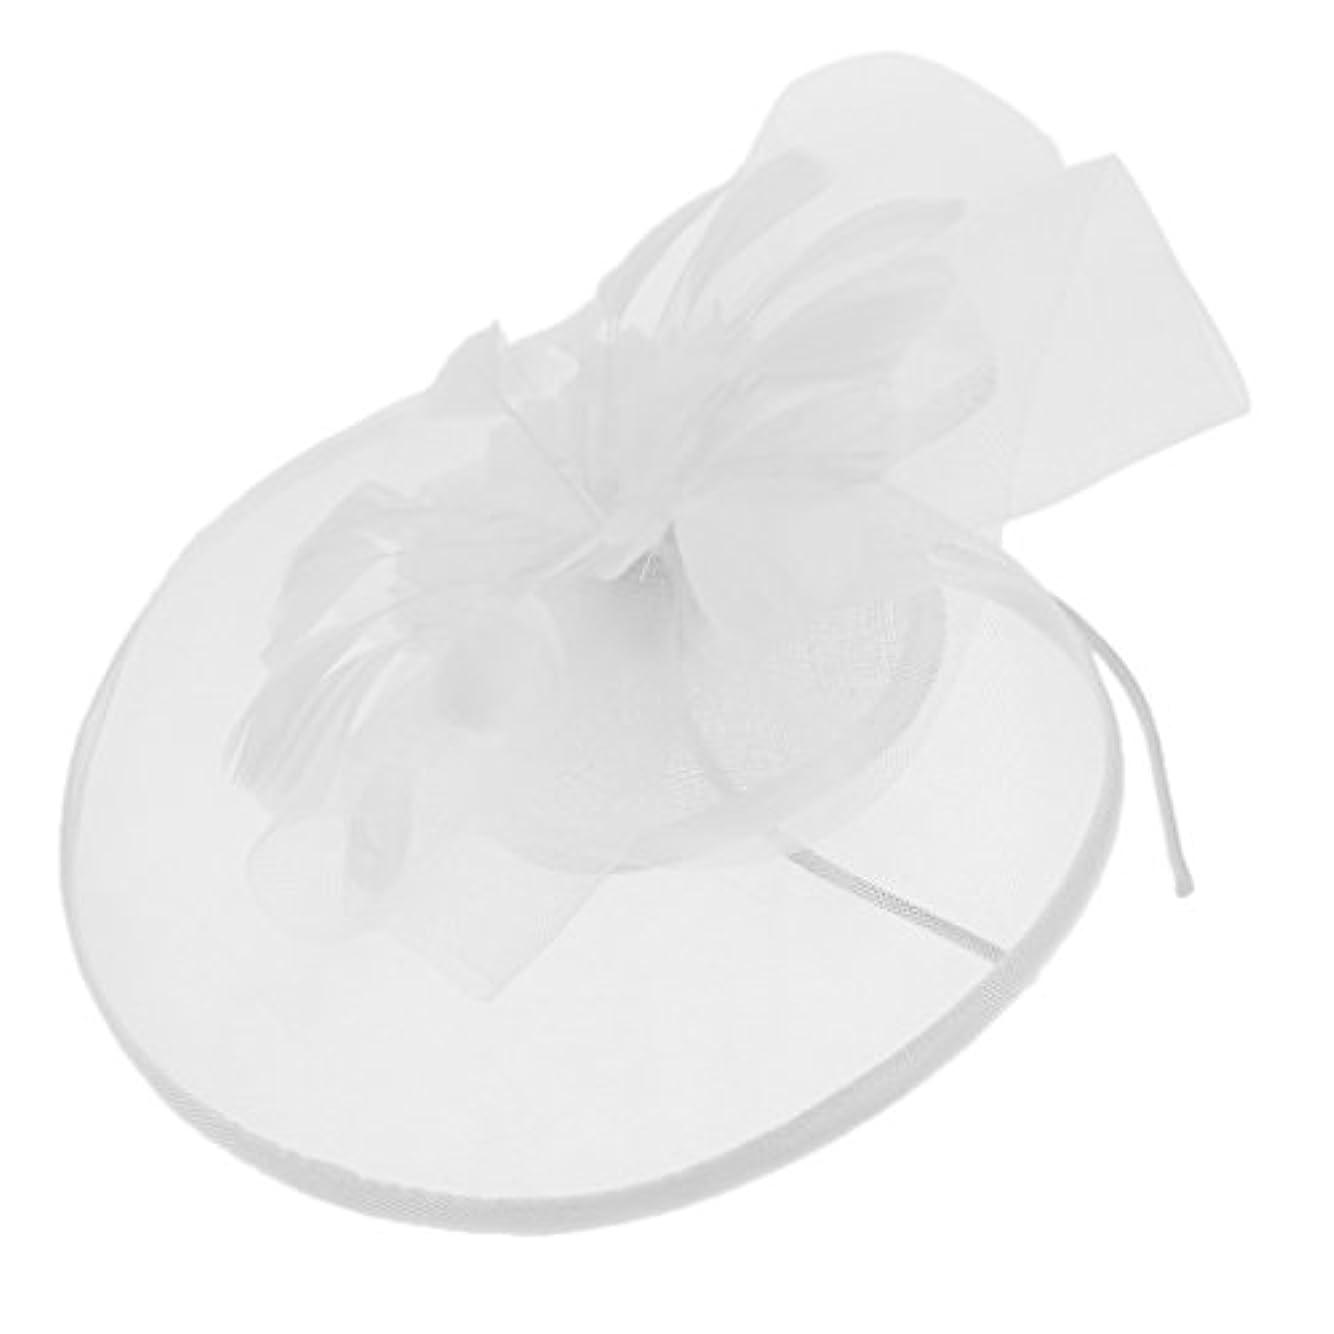 野菜聴覚怖がって死ぬ教会帽子 カチューシャ 髪飾り ヘアクリップ レディース 魅惑 人工羽毛 全5色 - 白